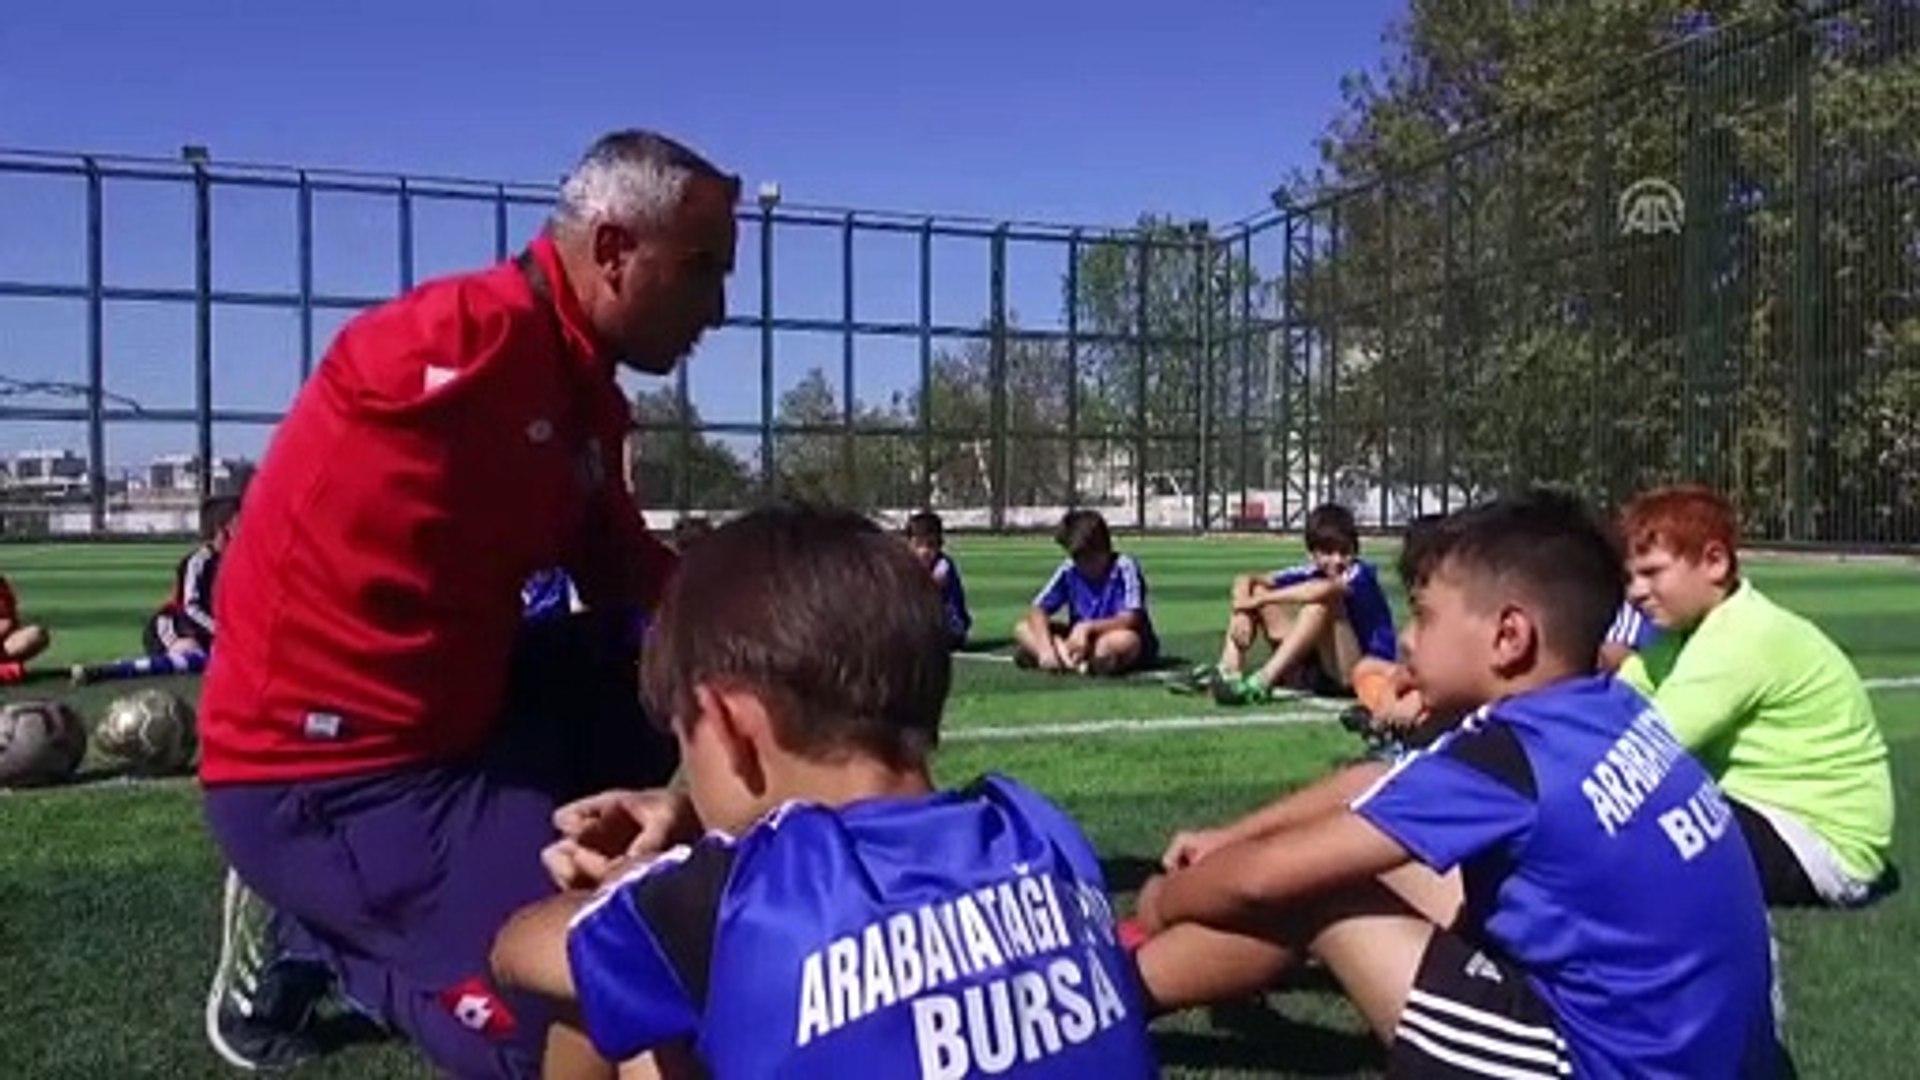 Futbol tutkusu tek koluyla hayata bağladı - BURSA